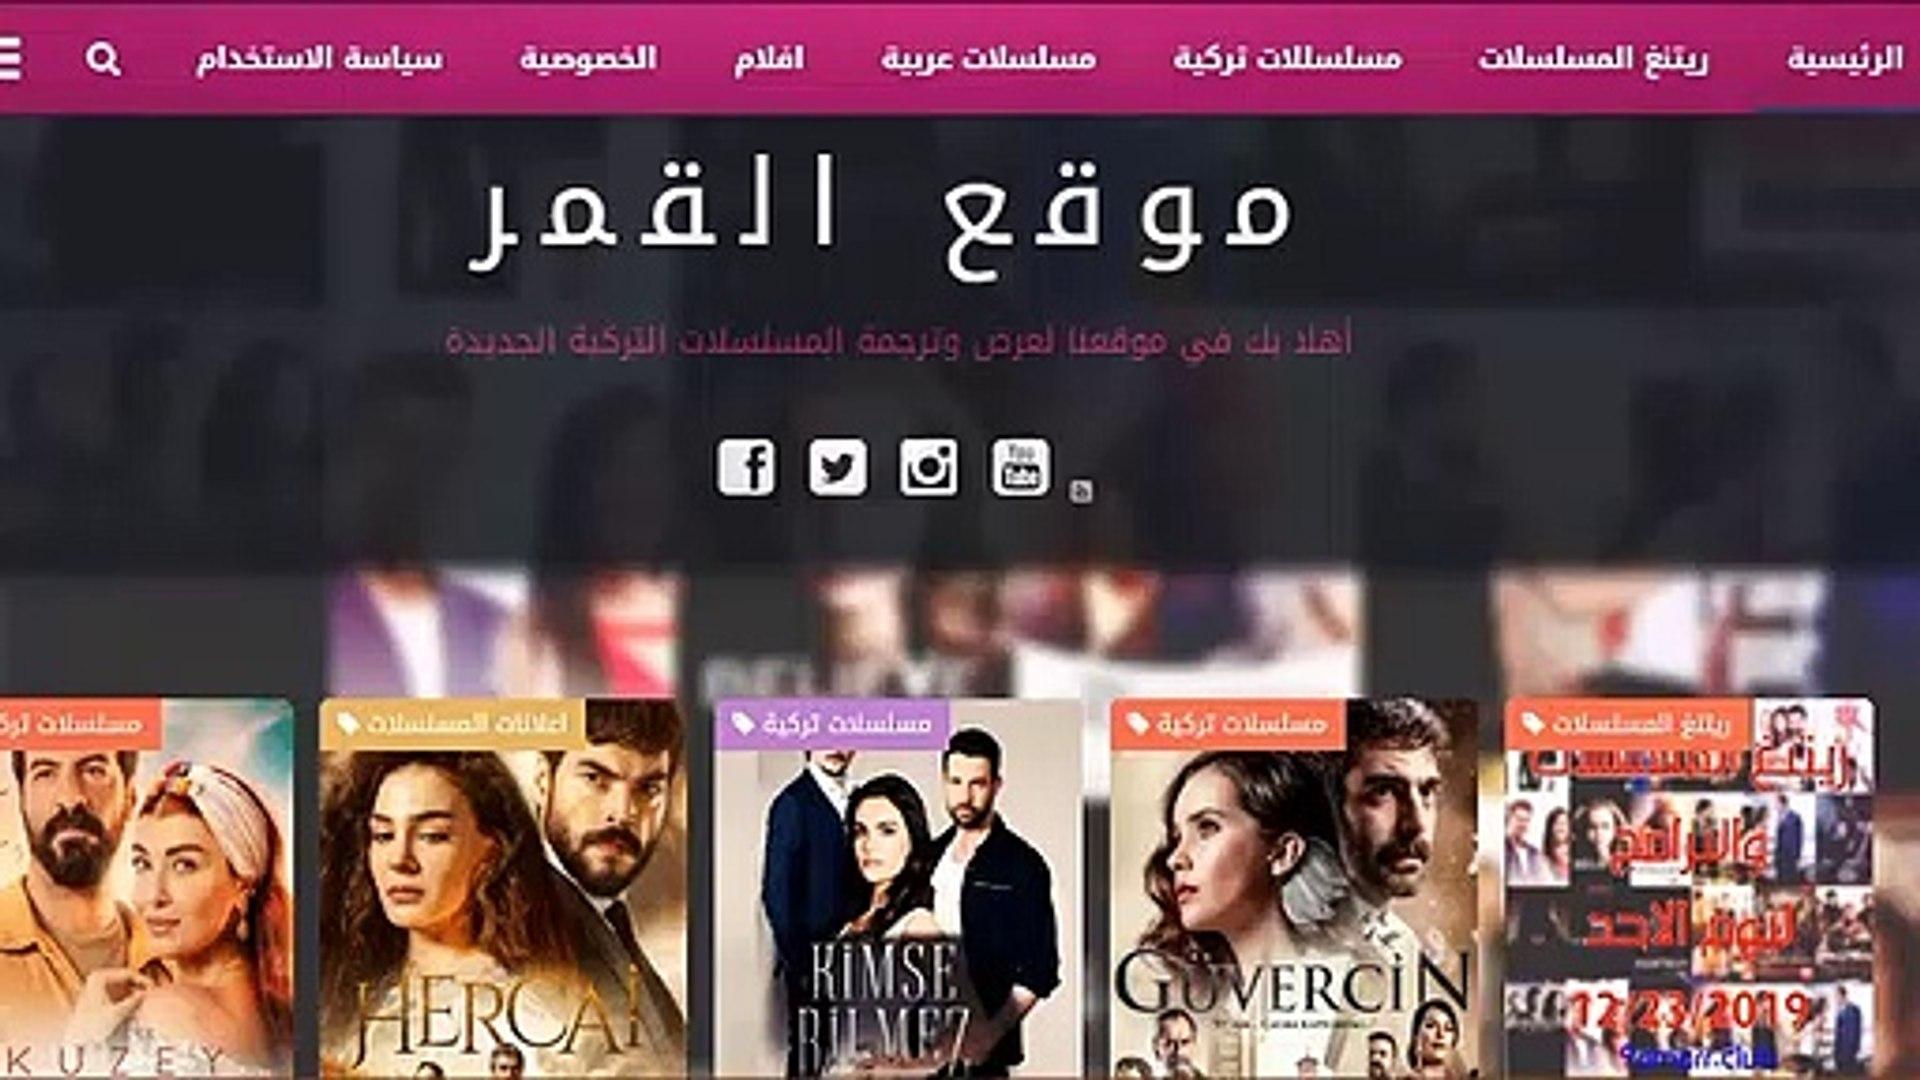 مسلسل البطل الحلقة 15 مترجمة للعربية القسم 1 HD - ترجمة موقع القمر Şampiyon 15.Bölüm